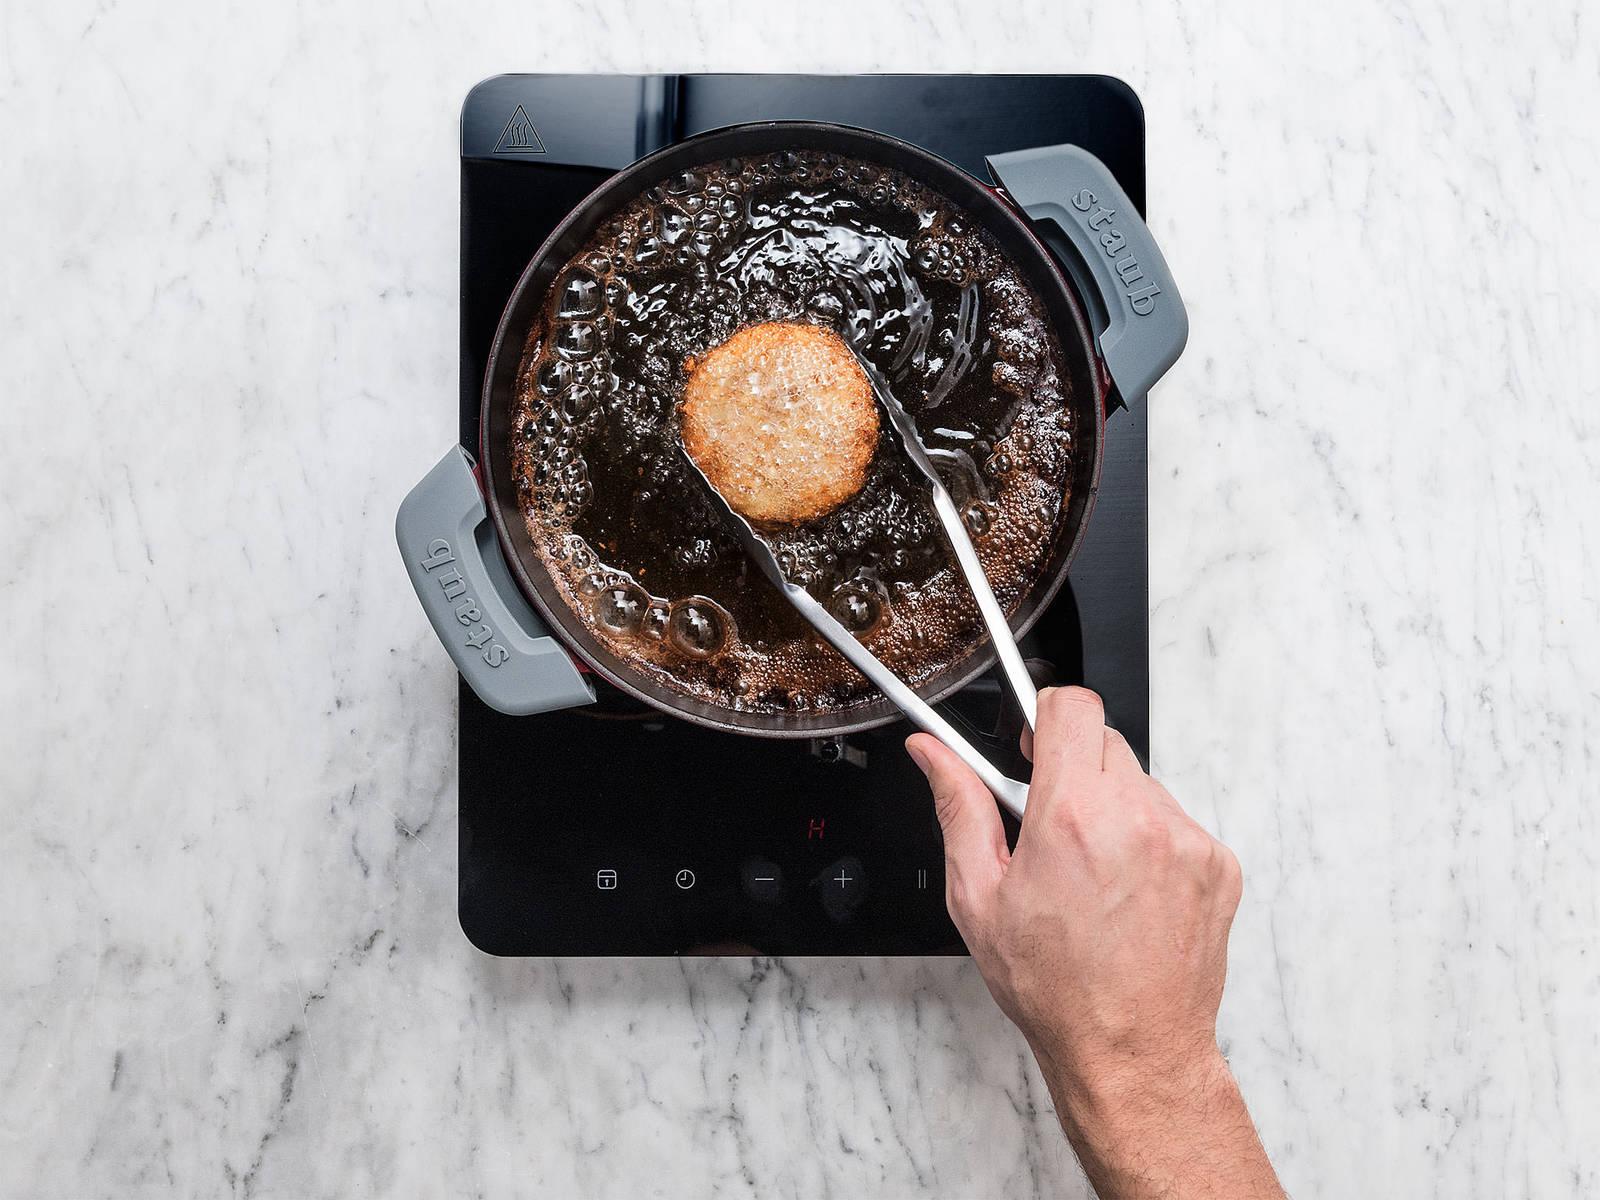 Öl in einem Topf erhitzen und Naan-Schokoladen-Sandwich für ca. 1 Min. bei mittlerer Hitze frittieren, bis es goldbraun und knusprig ist. Mit einer Kugel Eiscreme servieren. Guten Appetit!